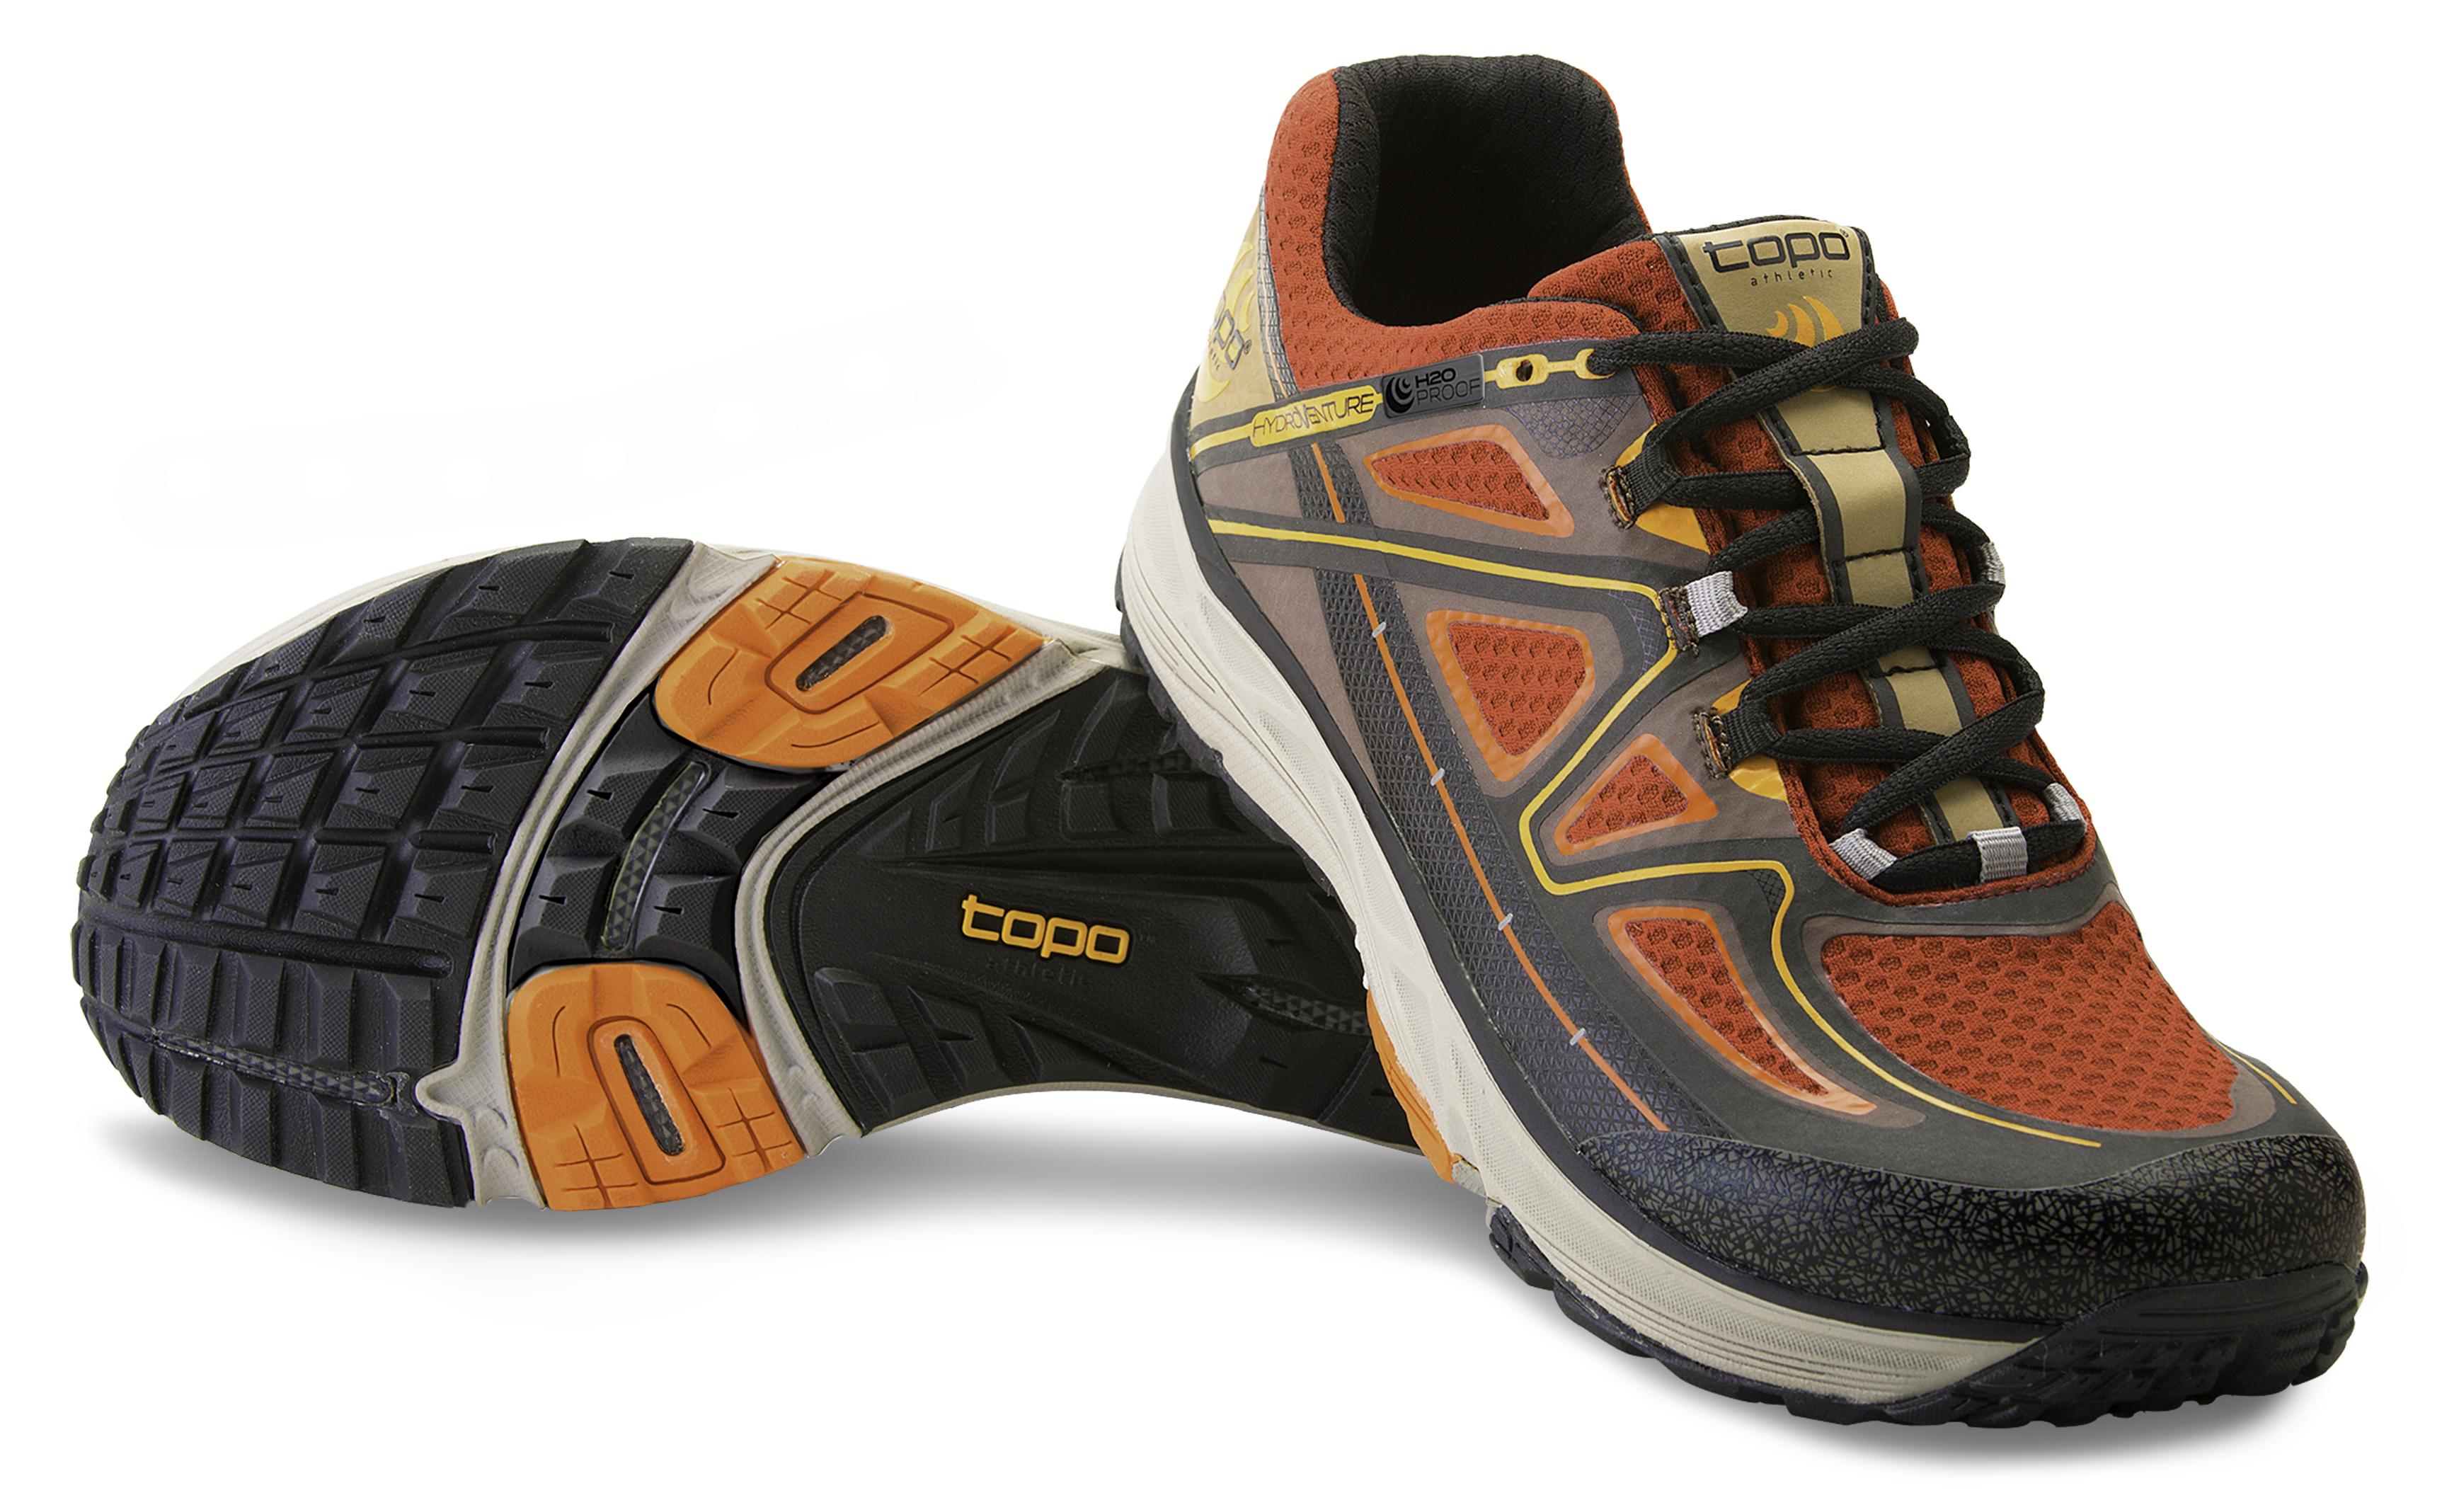 new product 57589 097e5 Topo Athletics, le scarpe pensate con i piedi